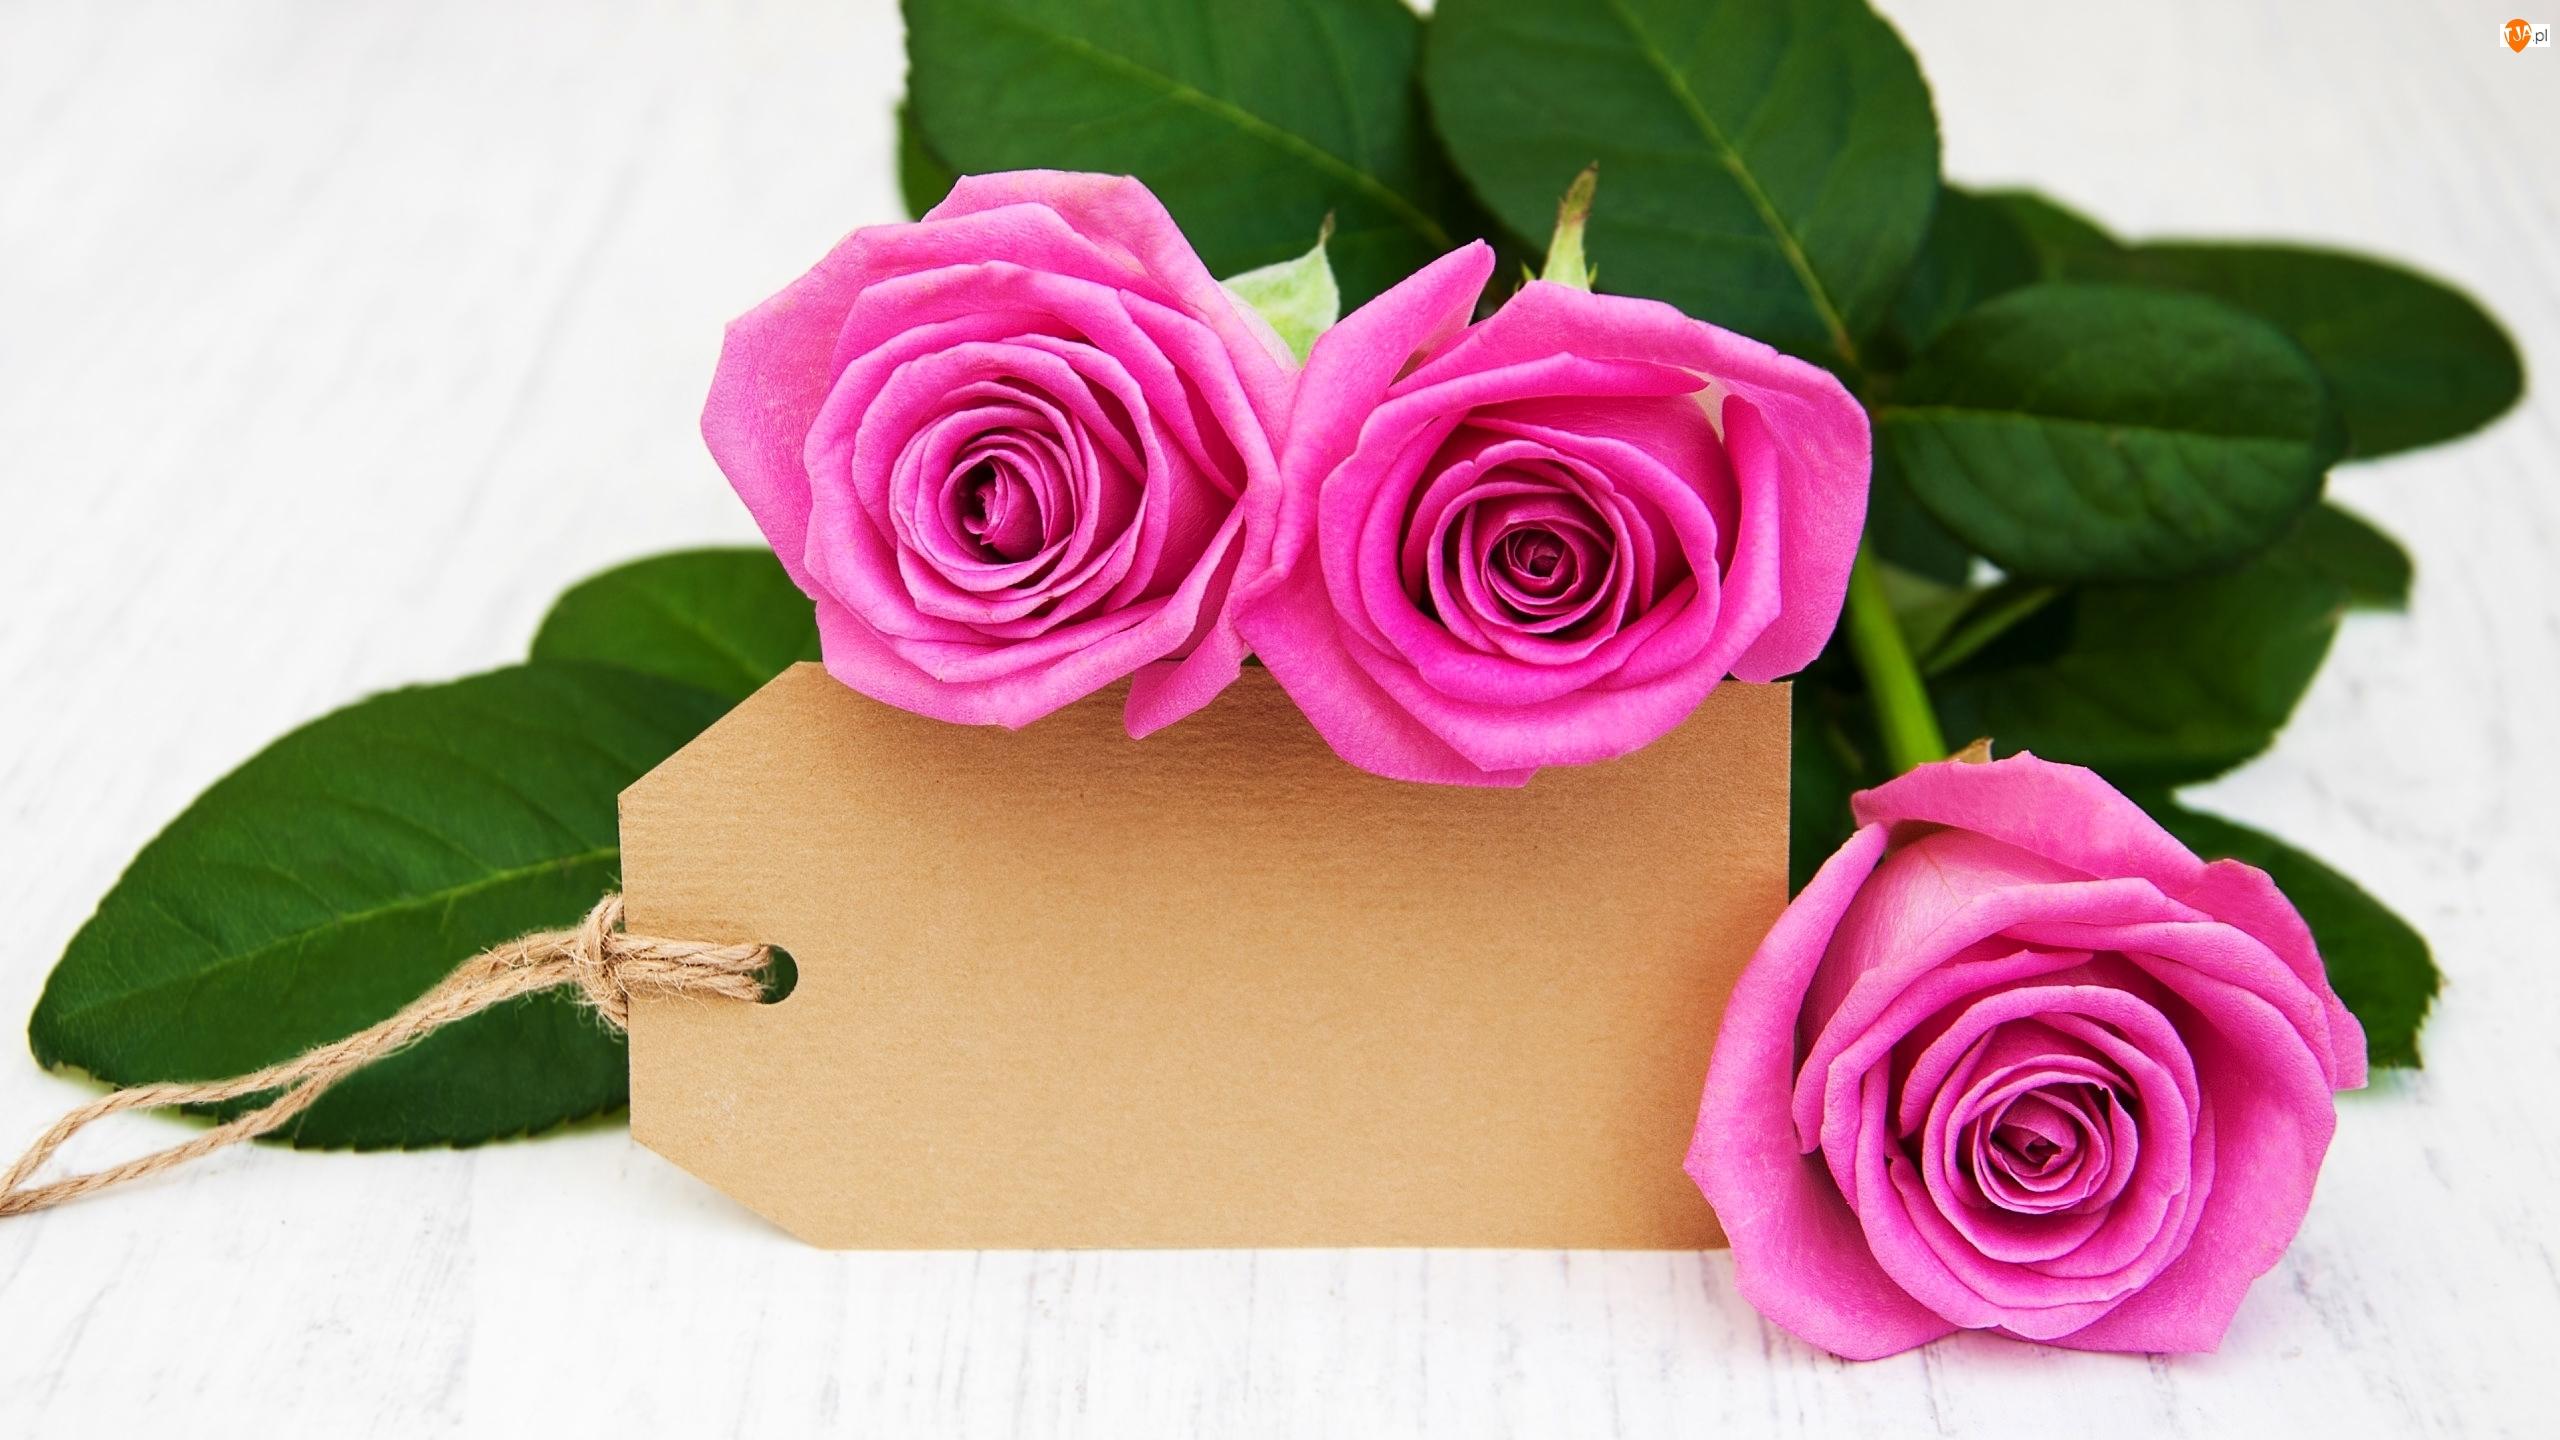 Różowe, Róże, Zawieszka, Trzy, Sznurek, Kartonik, Liście